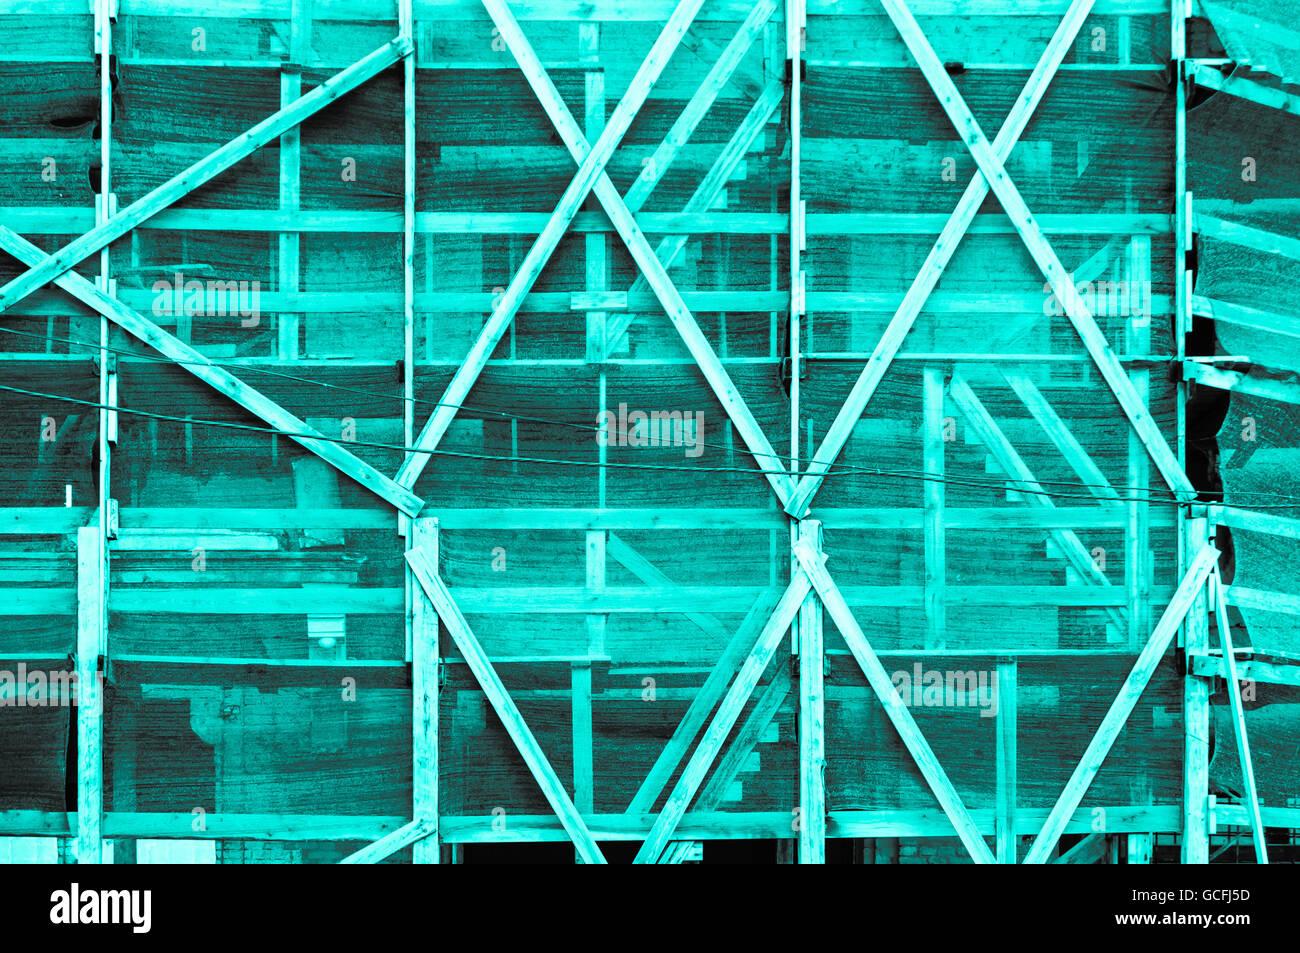 Beeindruckende Türkis grau Graustufen Rahmen außerhalb einer ukrainischen Baustil Stockbild